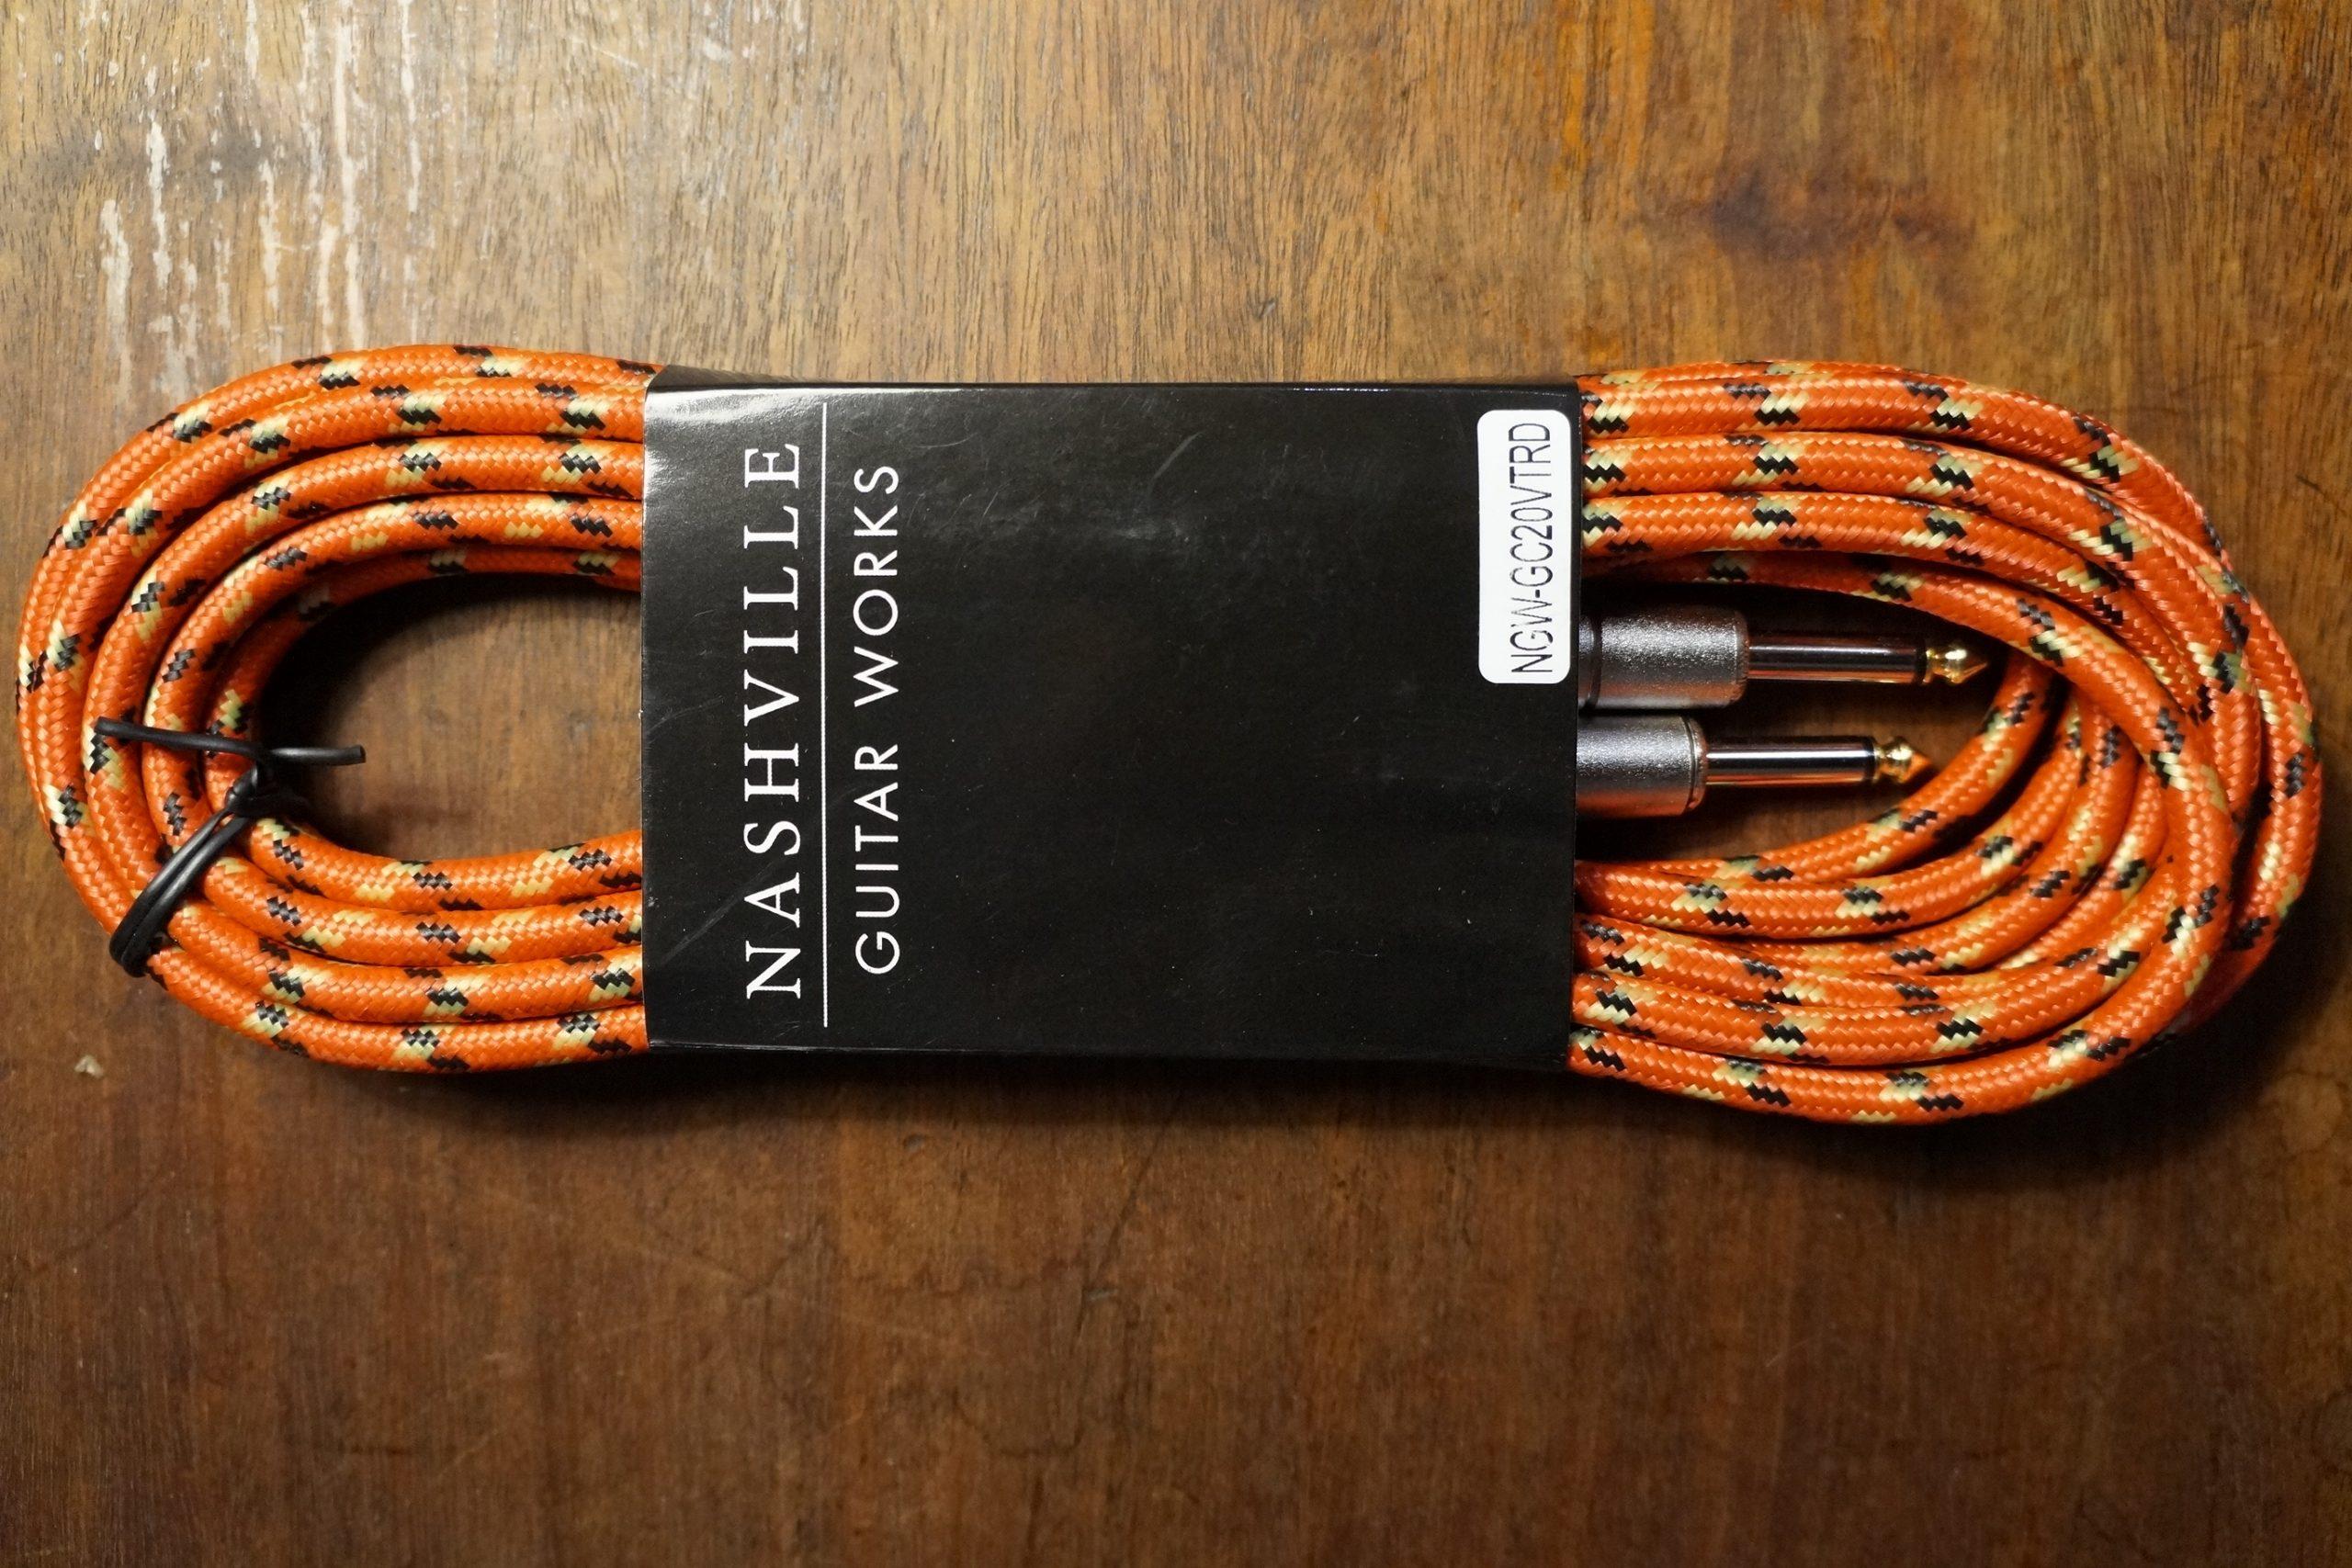 Nashville Guitar Works 20Ft. Red Vintage Tweed Instrument Cable (New)